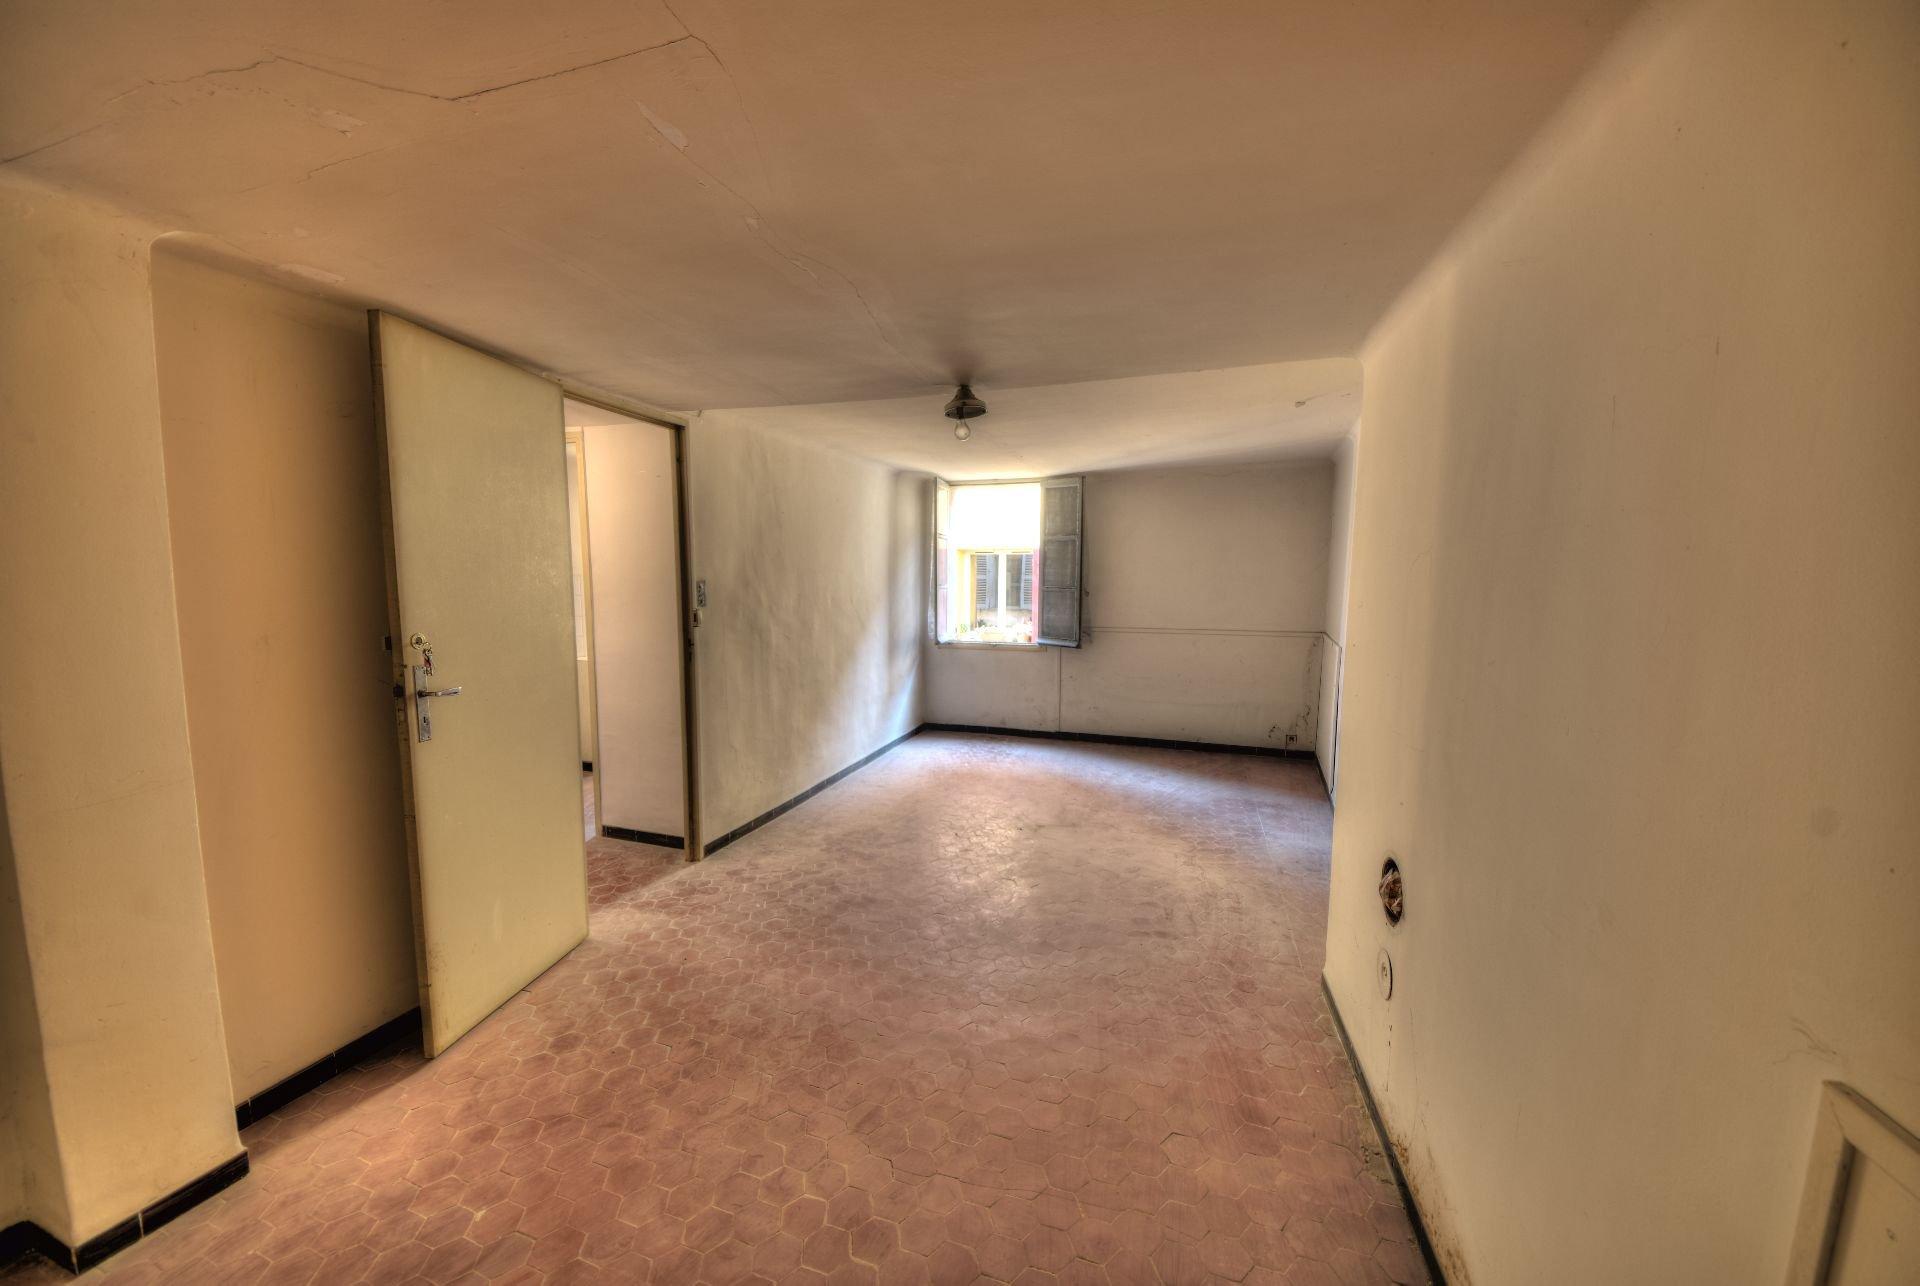 Séjour du petit appartement à rénover Aups